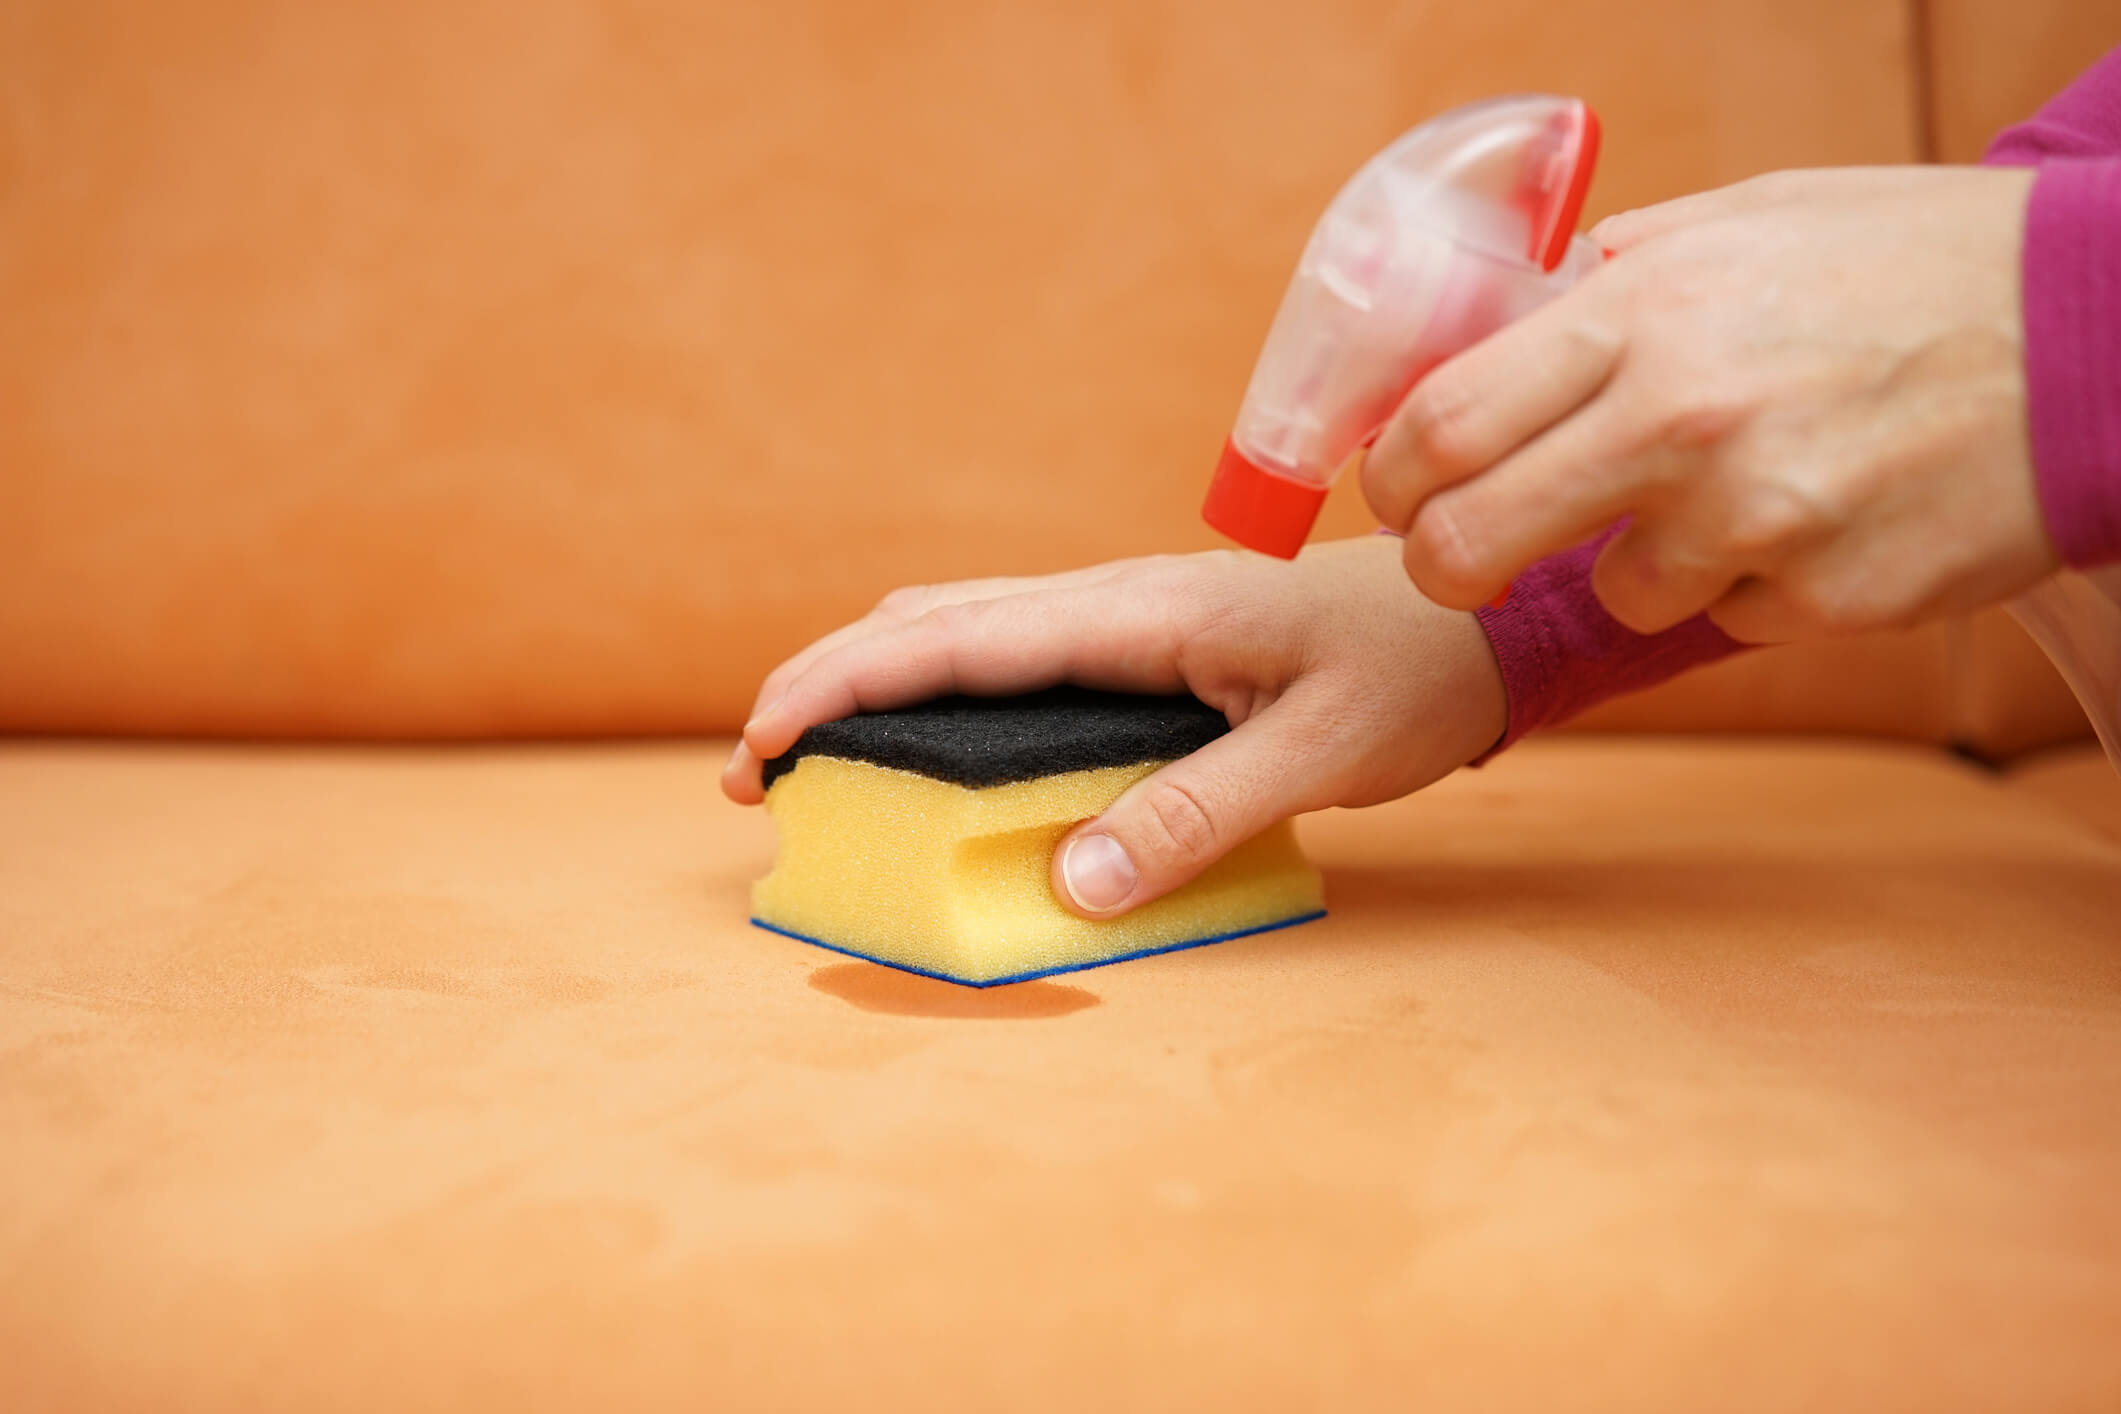 Veja aqui como tirar mancha de caneta do sofá!